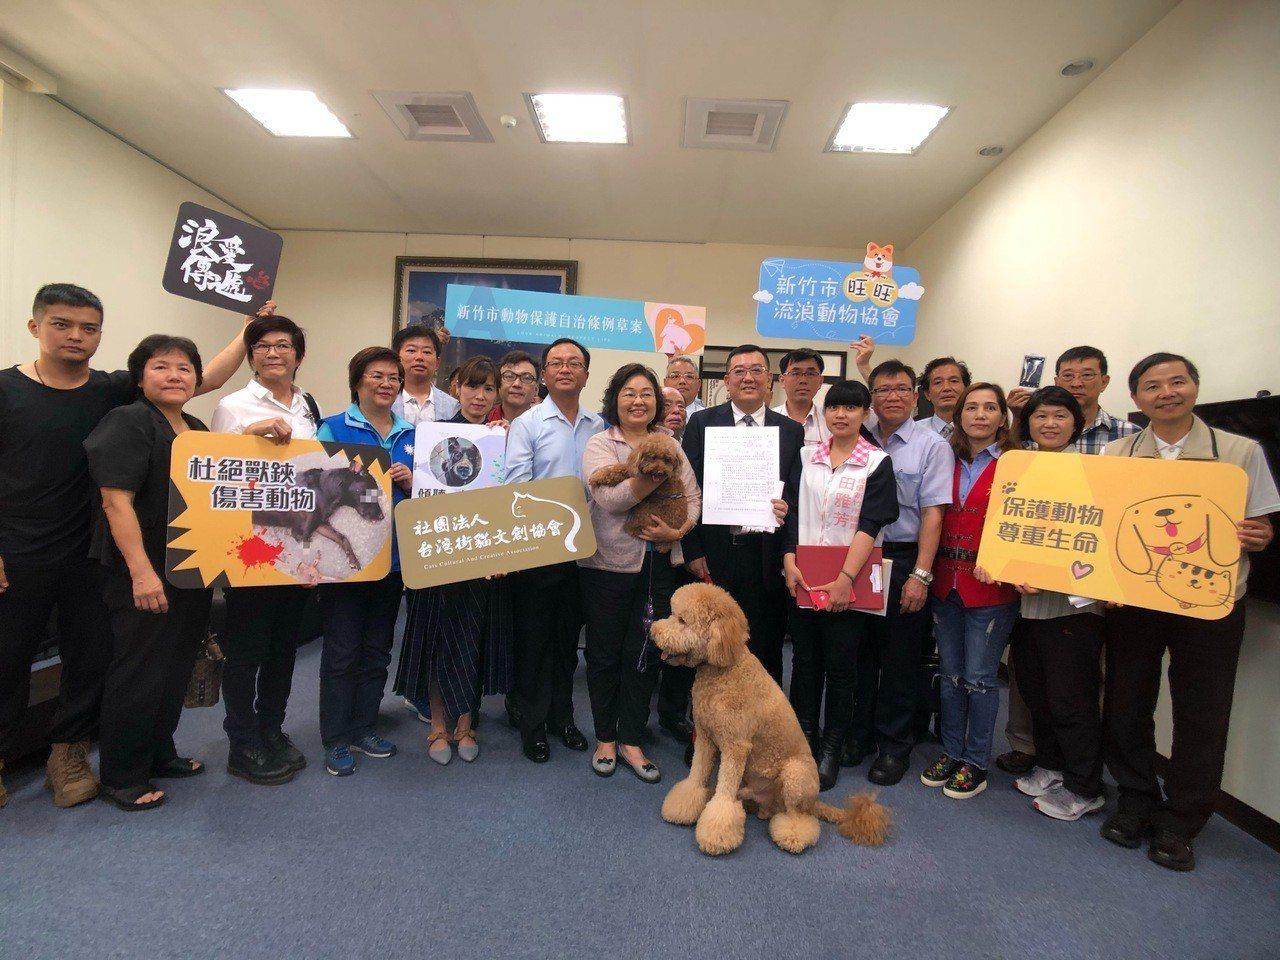 新竹市議會議長許修睿為守護毛小孩,提案推動新竹市動物保護自治條例草案,獲許多動保...